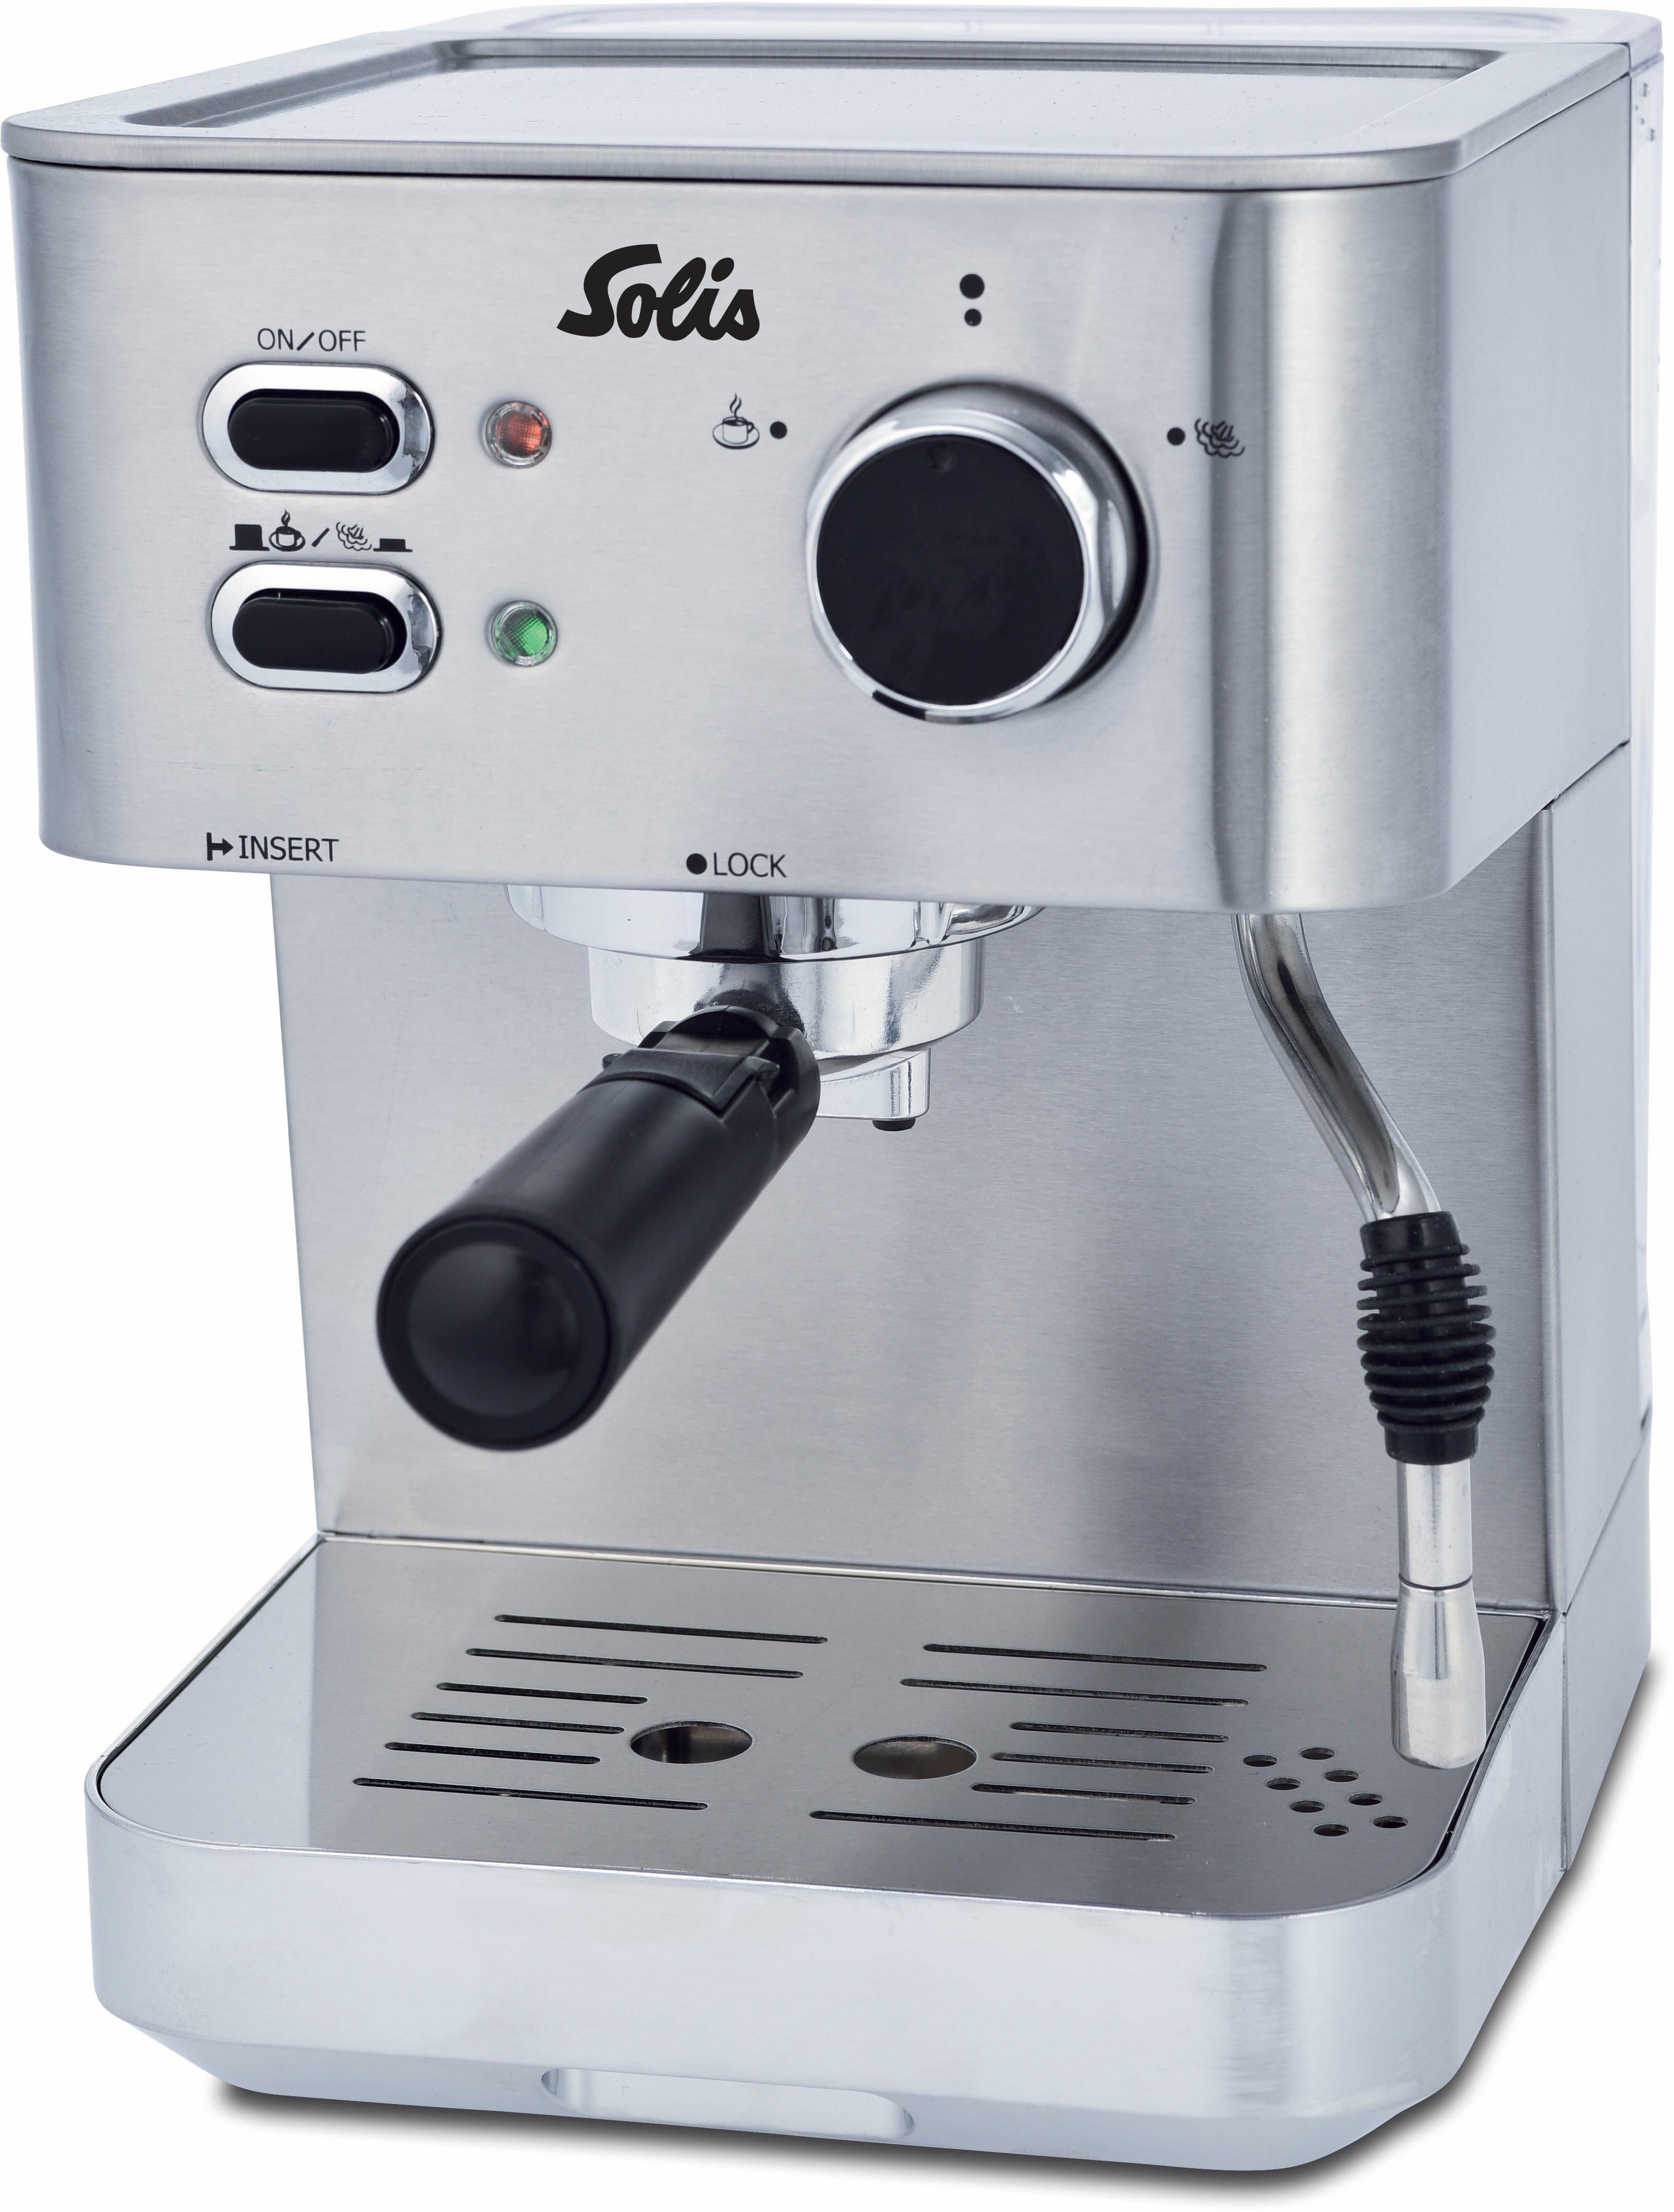 SOLIS OF SWITZERLAND Espressomaschine SOLIS Primaroma, Typ 1010